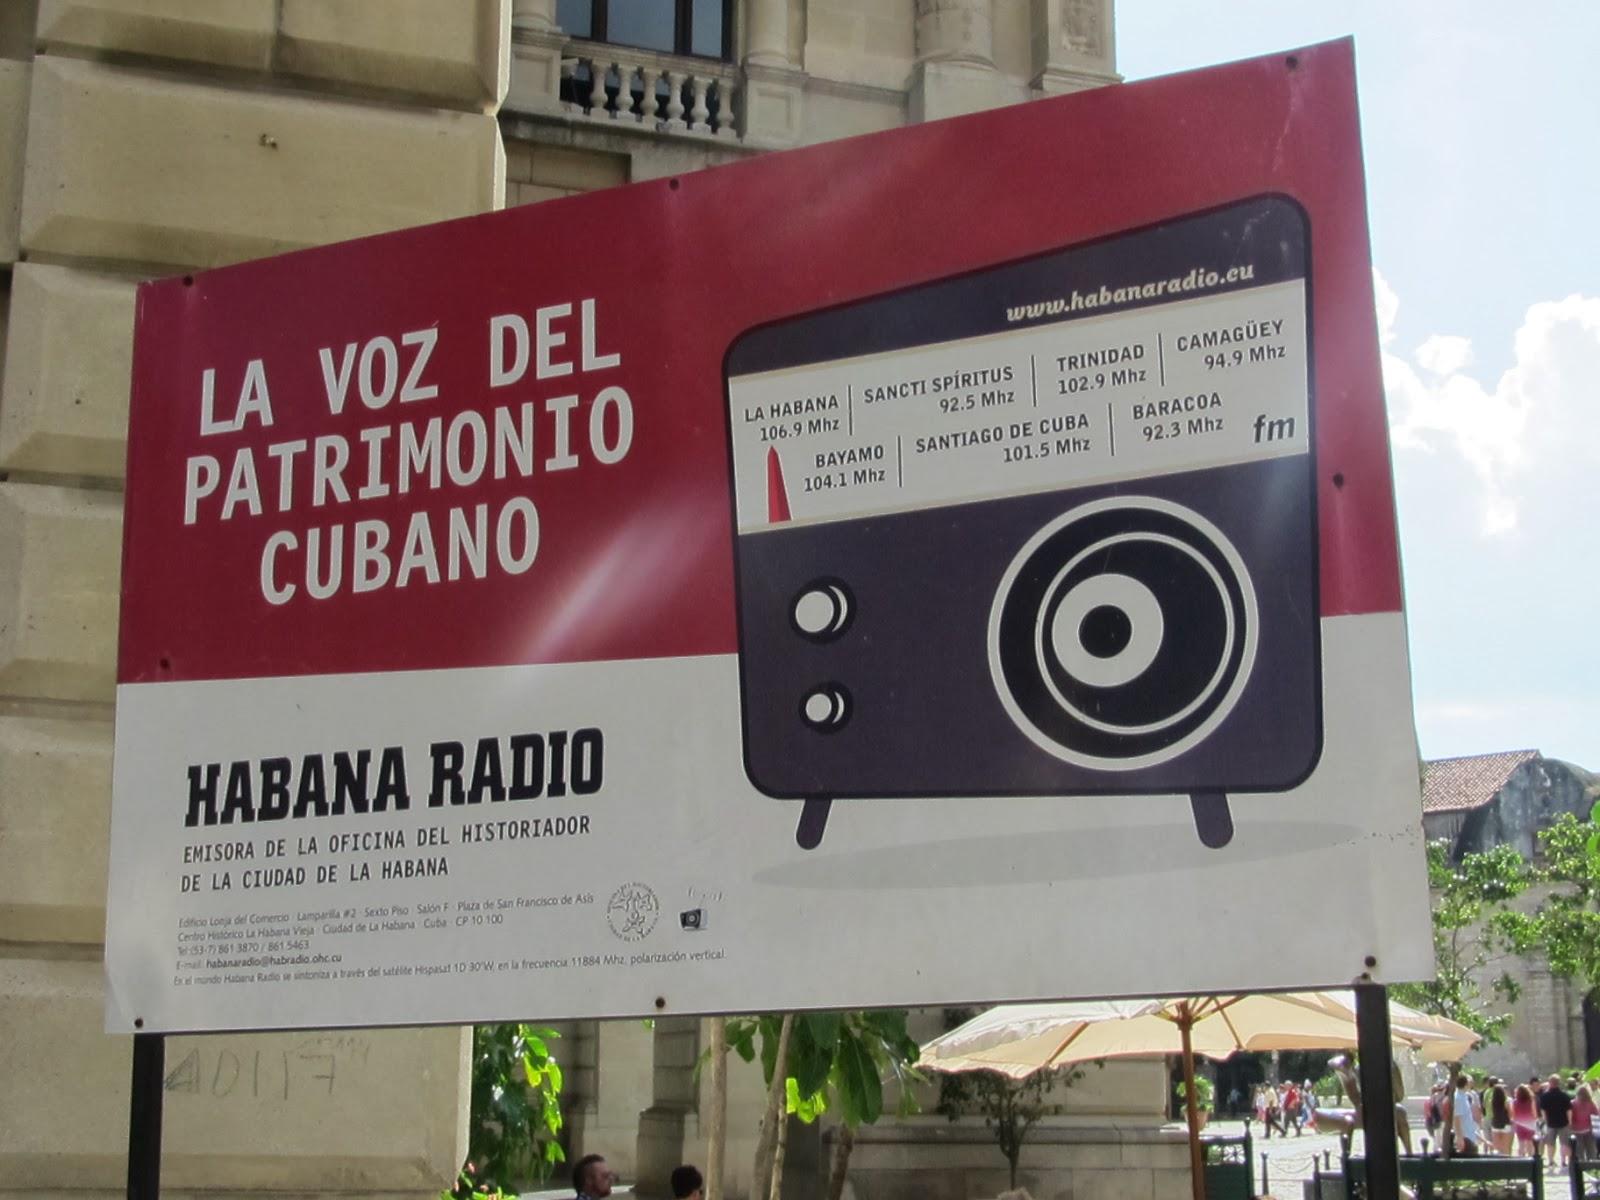 http://streema.com/radios/Radio_Habana